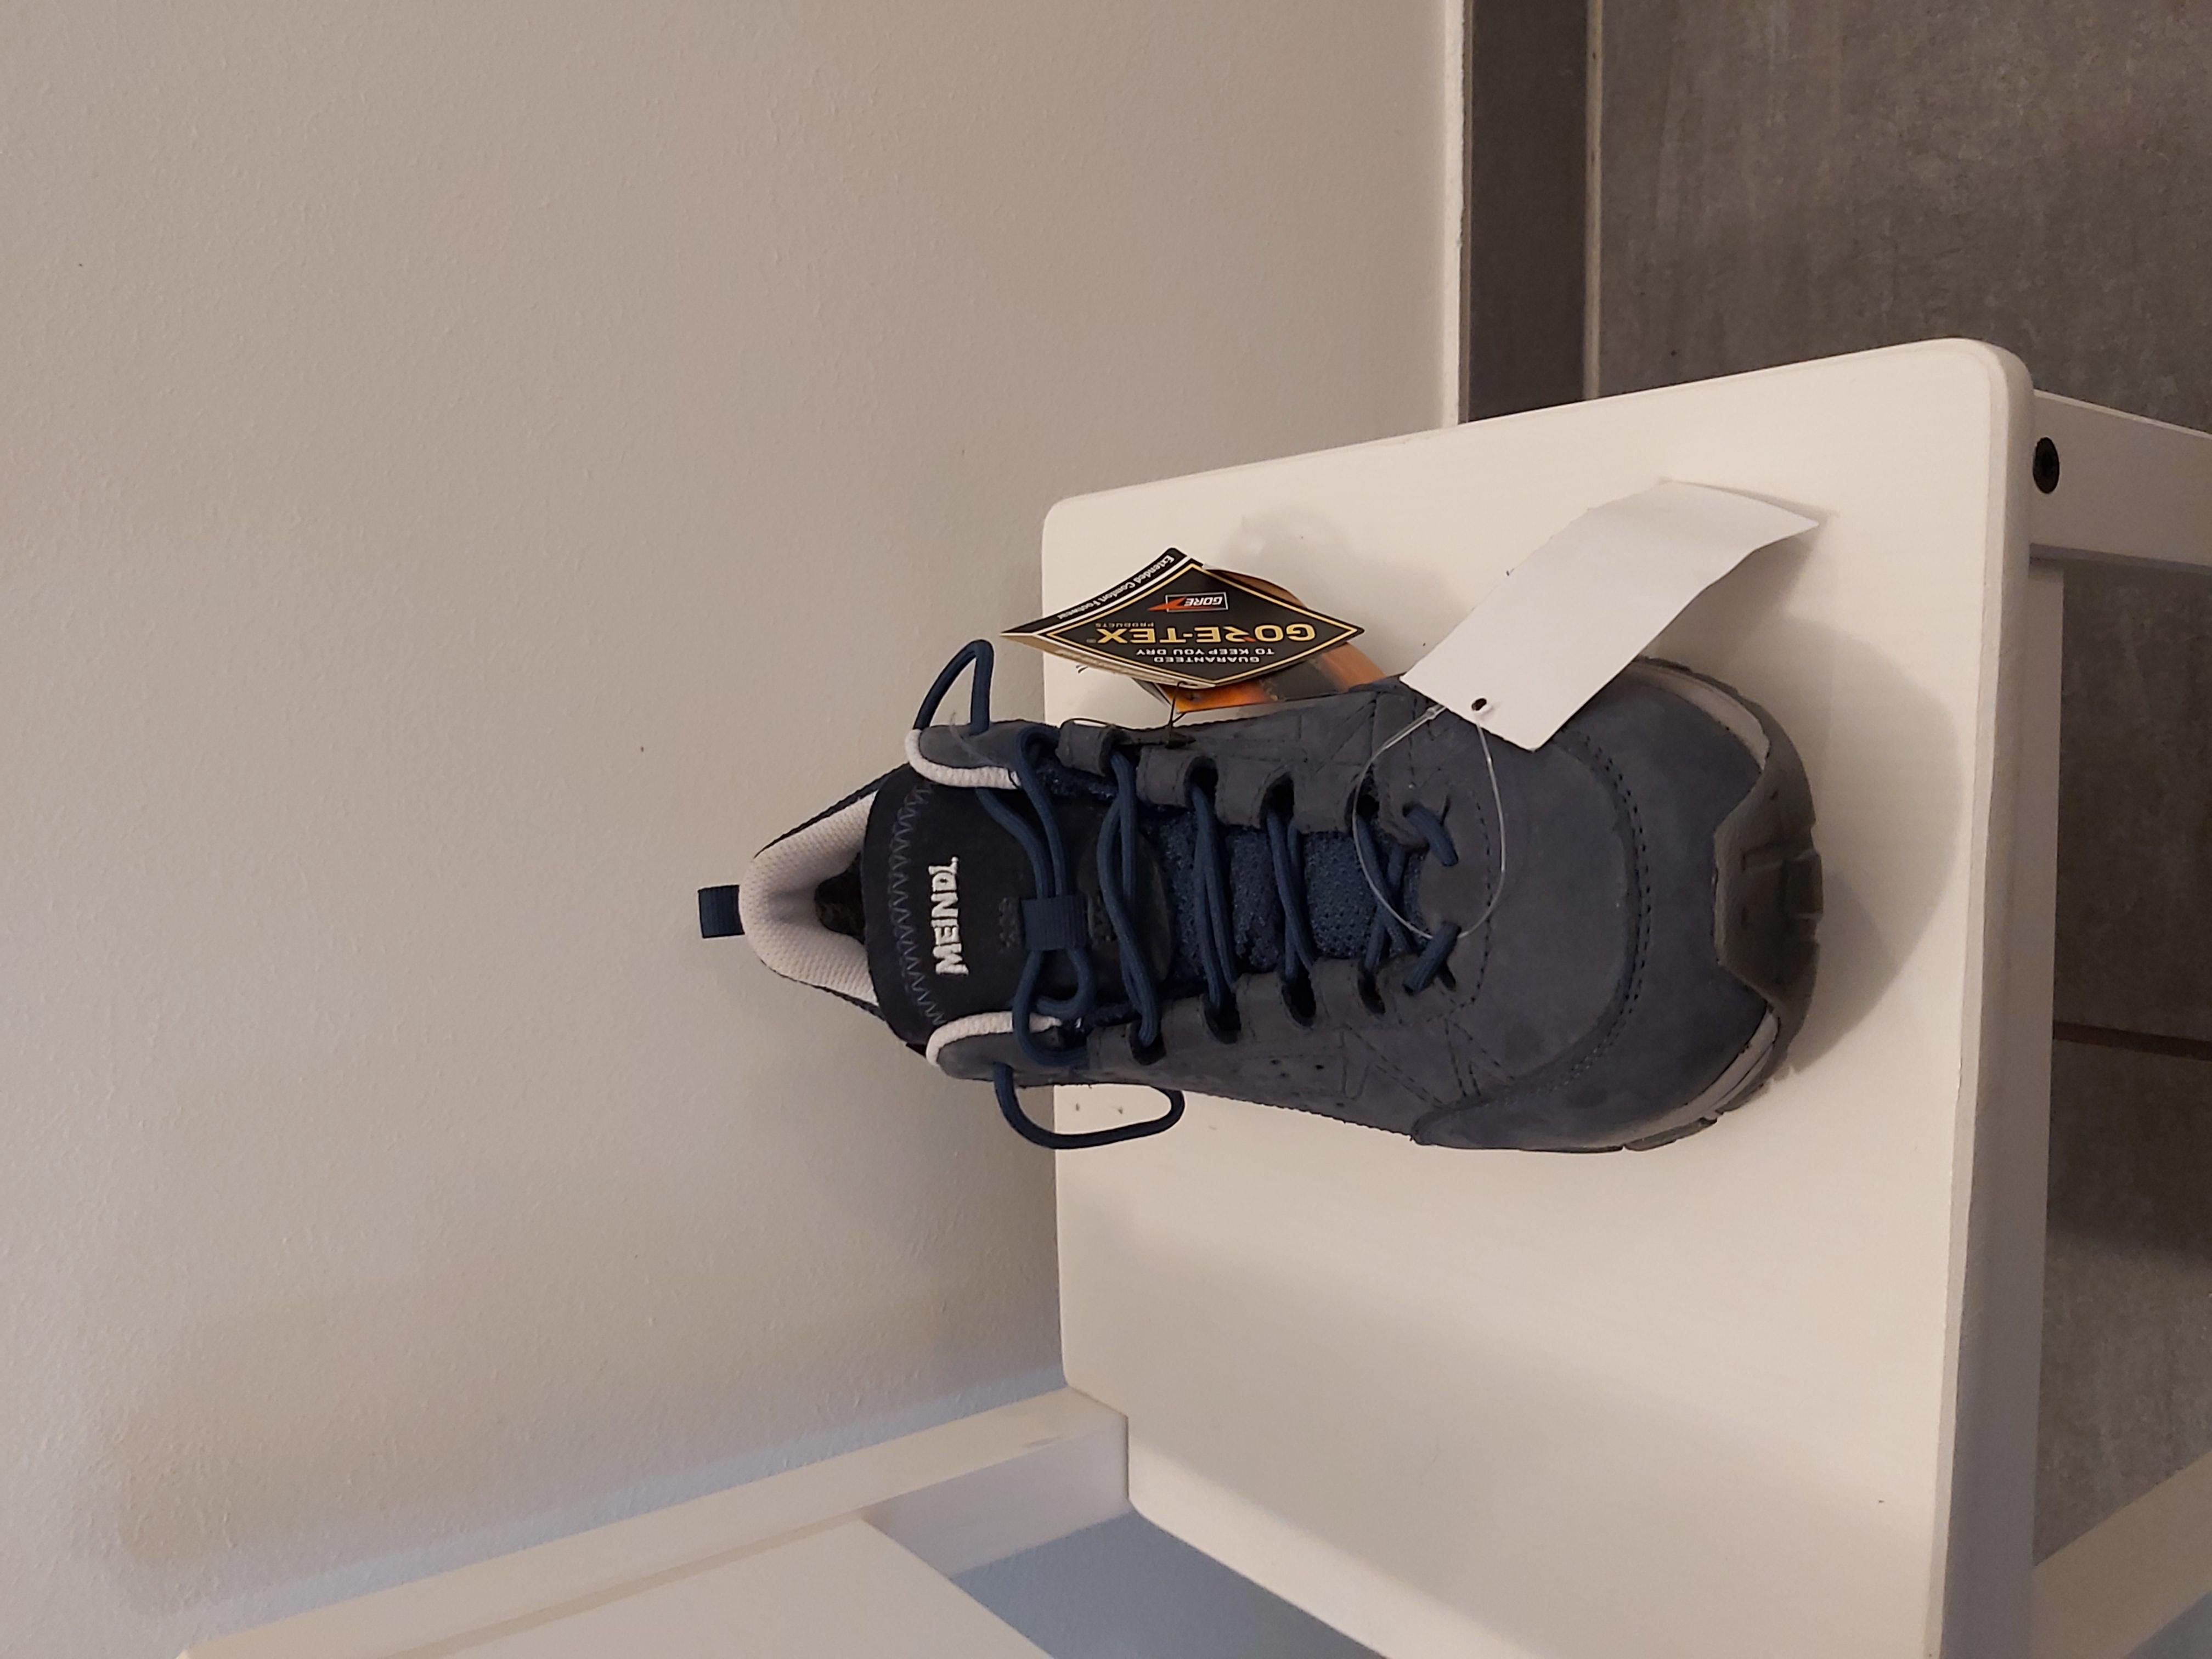 Bild Nummer 2 von Trecking Schuhe von Meindl